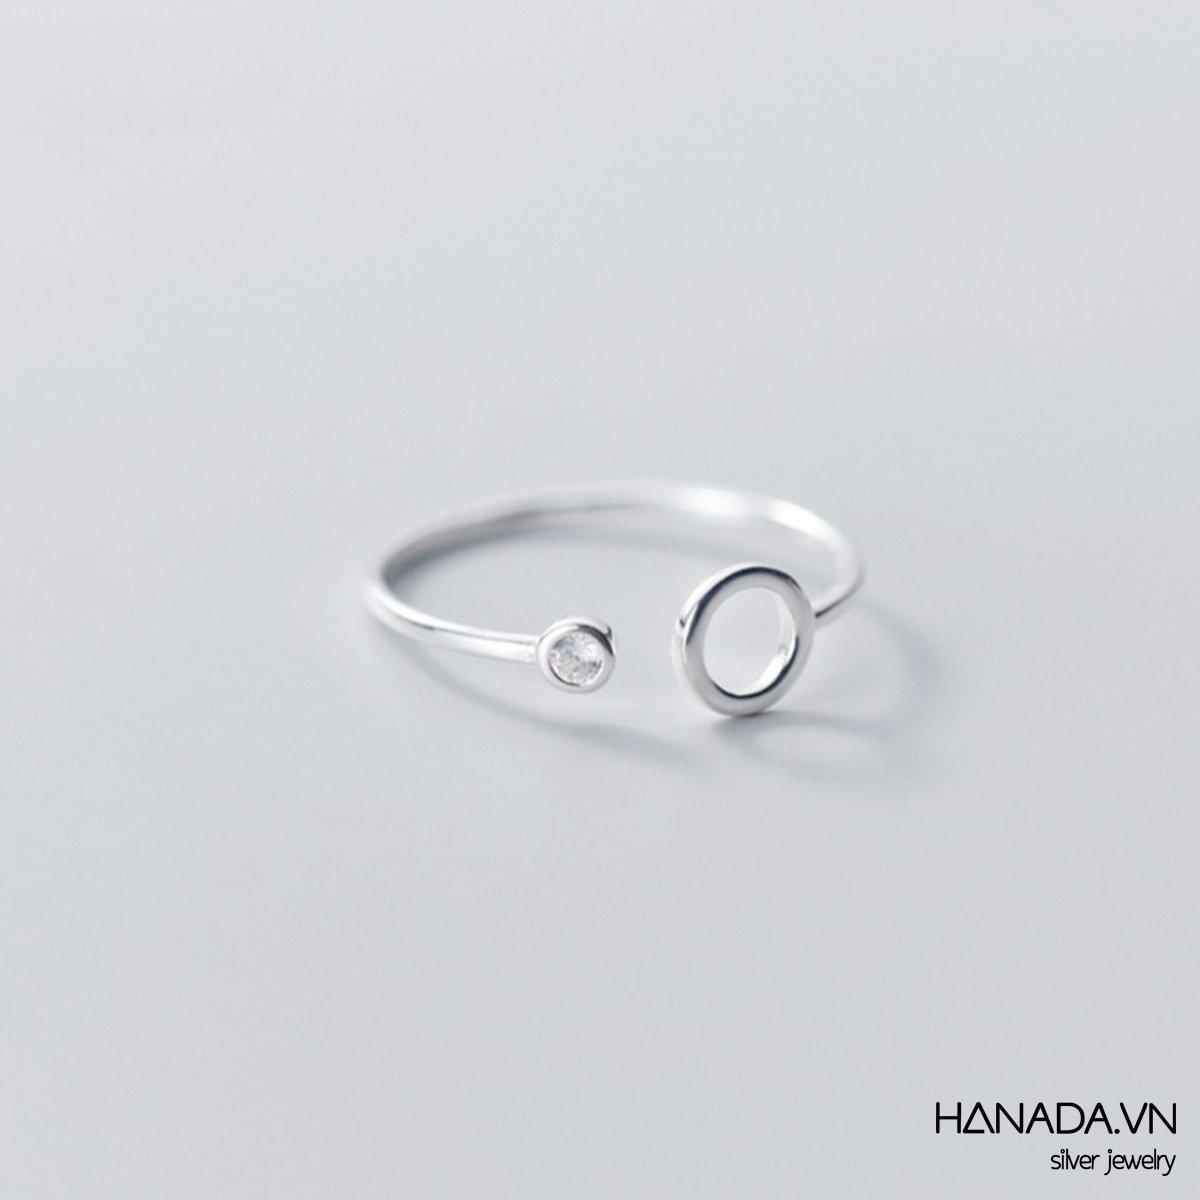 Nhẫn Bạc 925 Hanada N12.R.1.B.140.0520 Vòng Tròn Đối 1 Đá